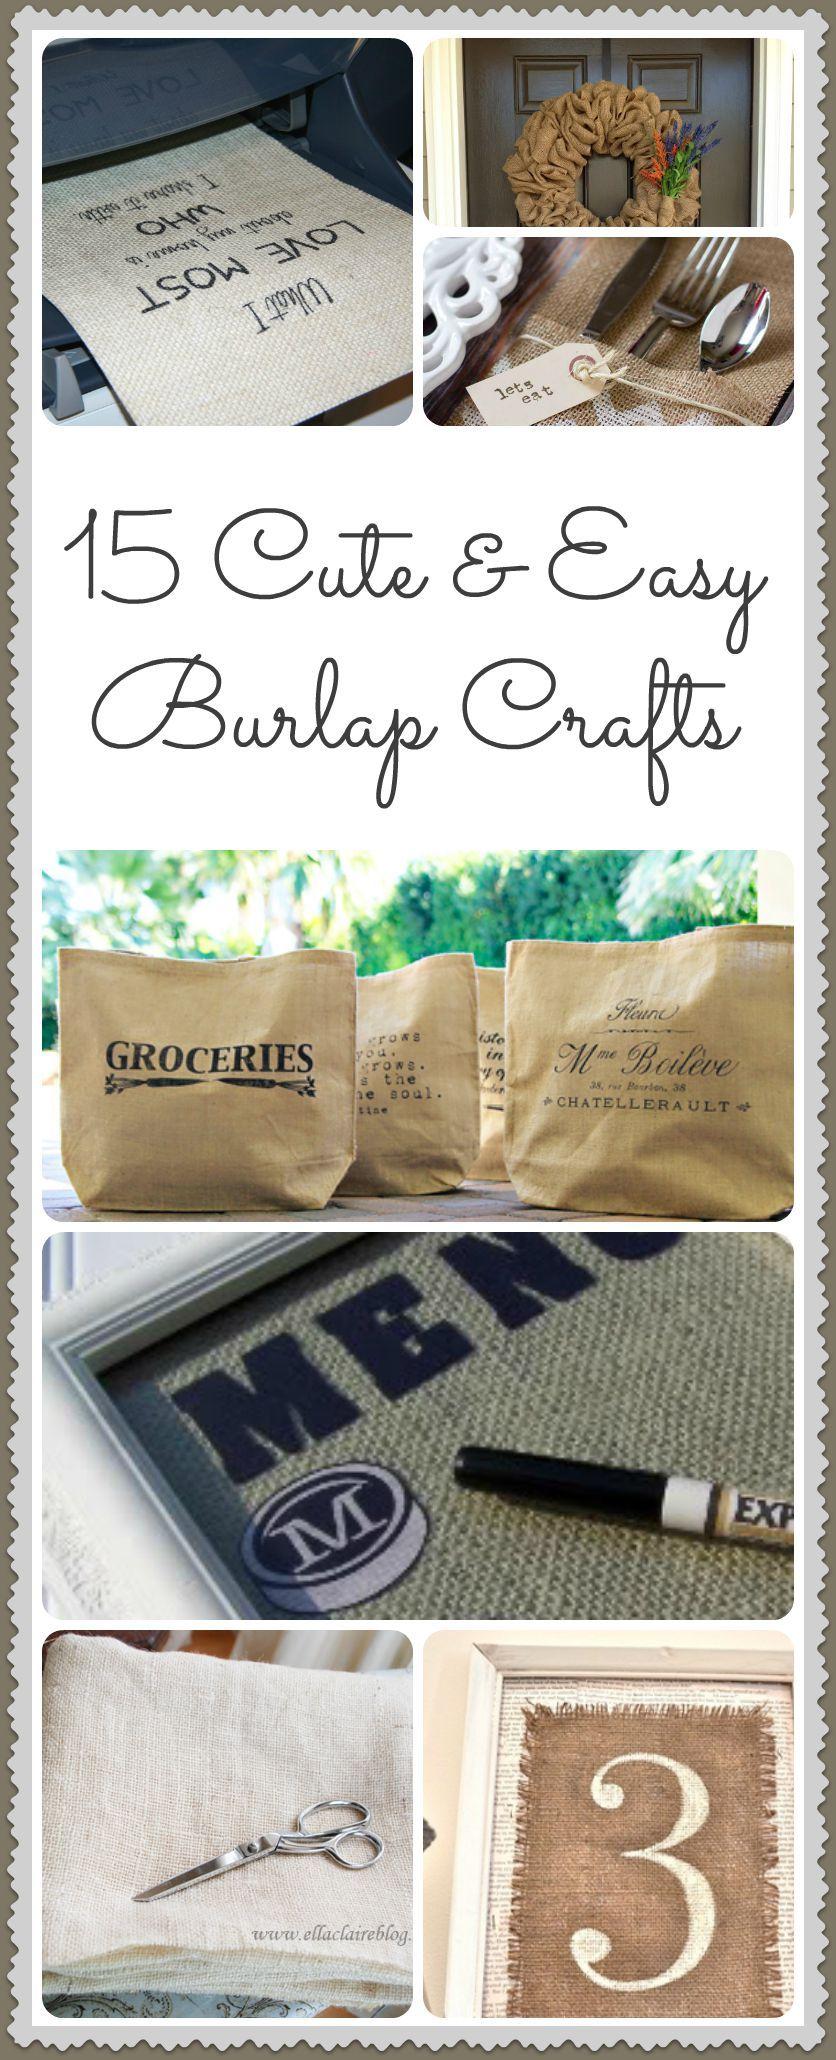 15 diy burlap crafts ideas burlap crafts burlap